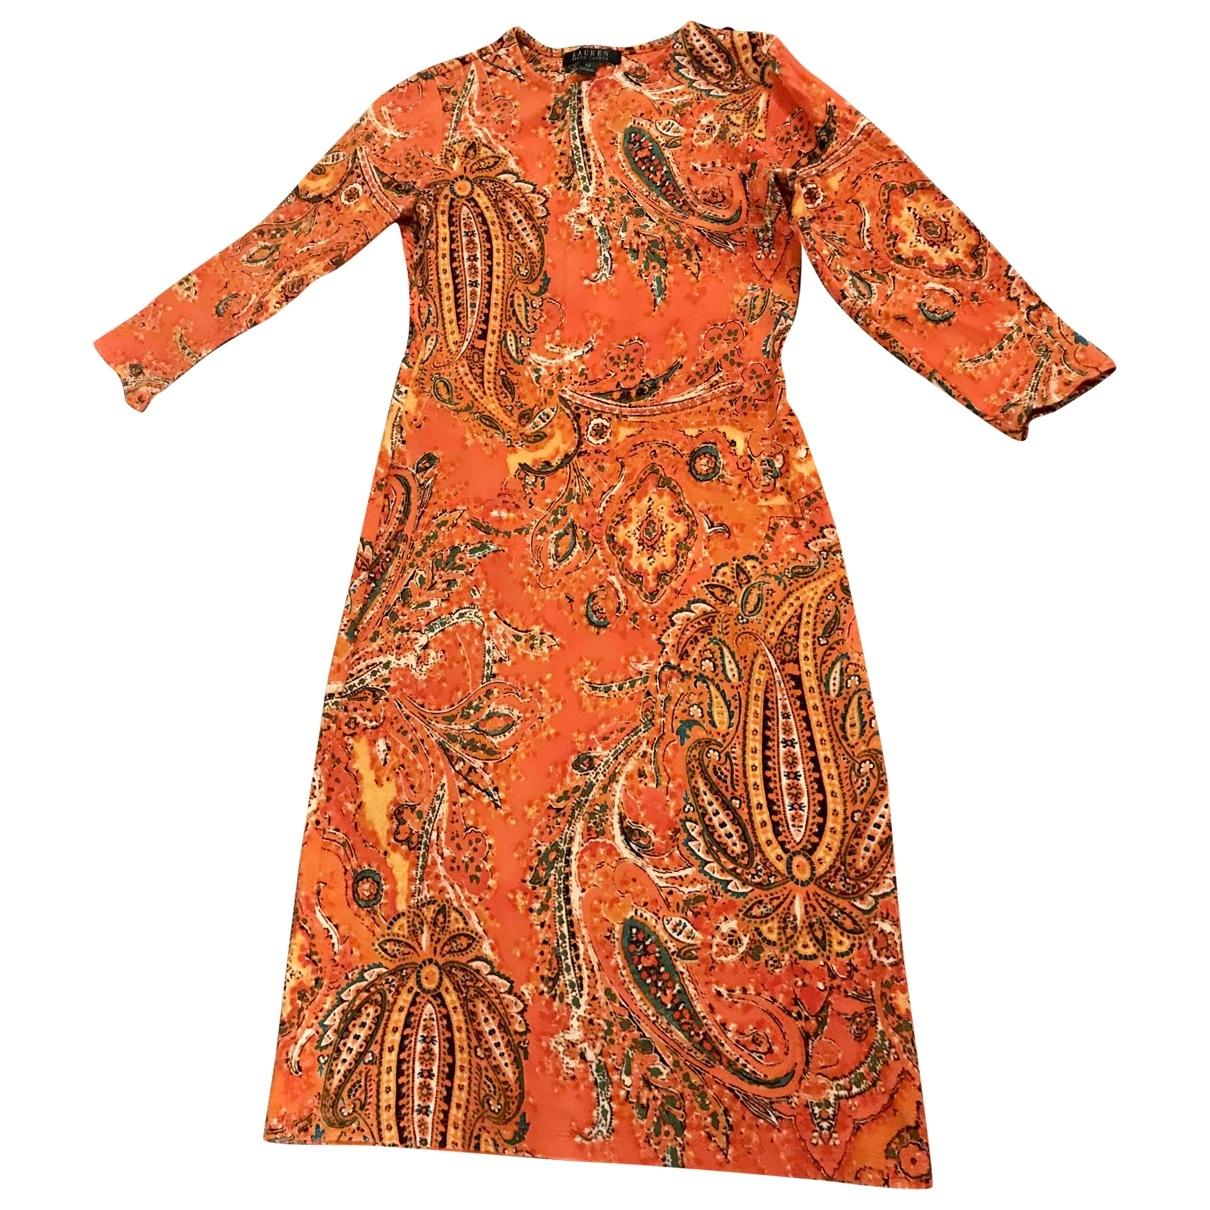 Lauren Ralph Lauren \N Orange dress for Women XS International